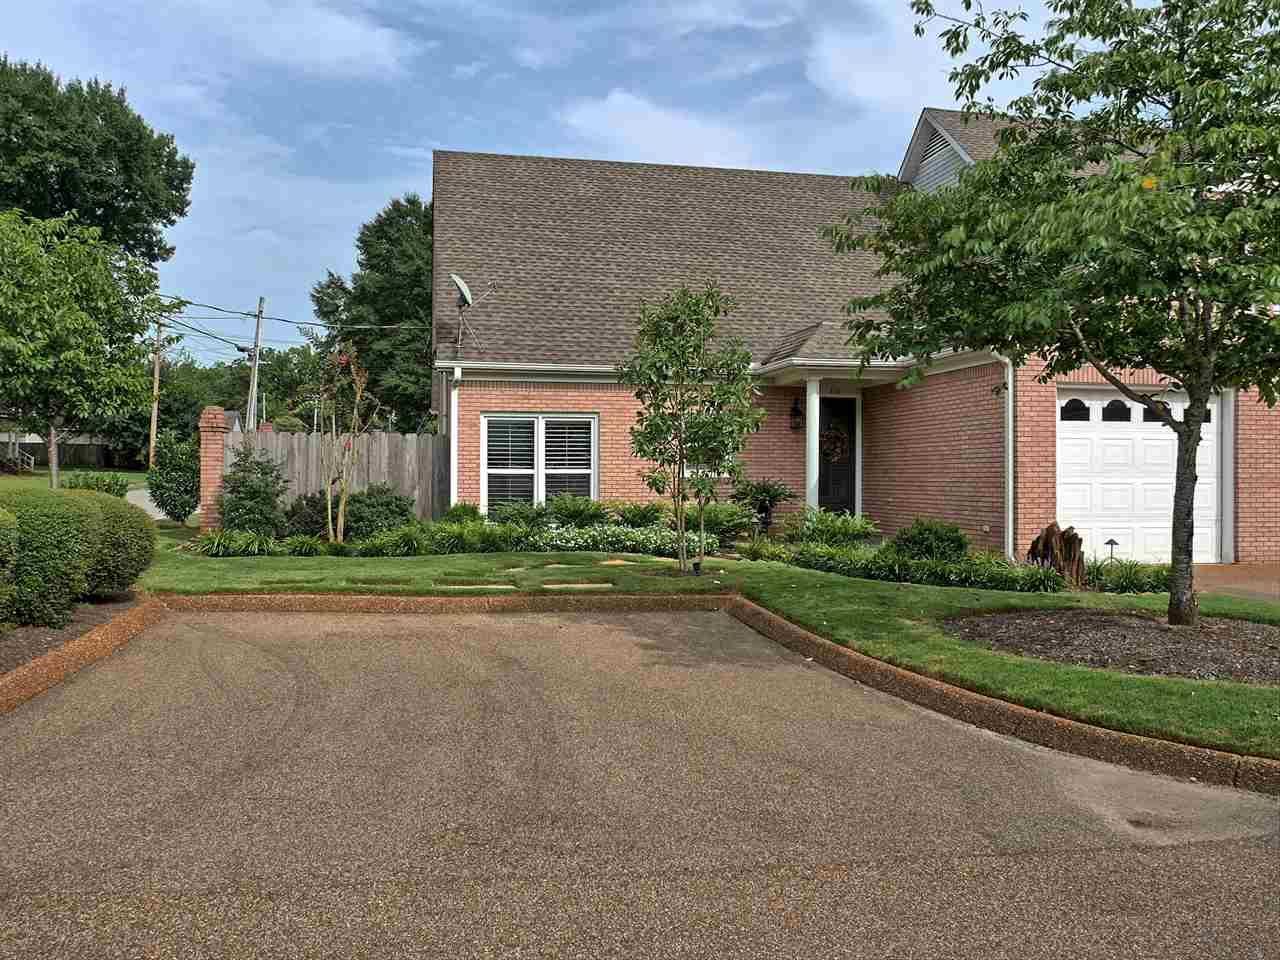 116 COLLEGE HILL VILLAGE ST, Brownsville, TN 38012 - MLS#: 10085120